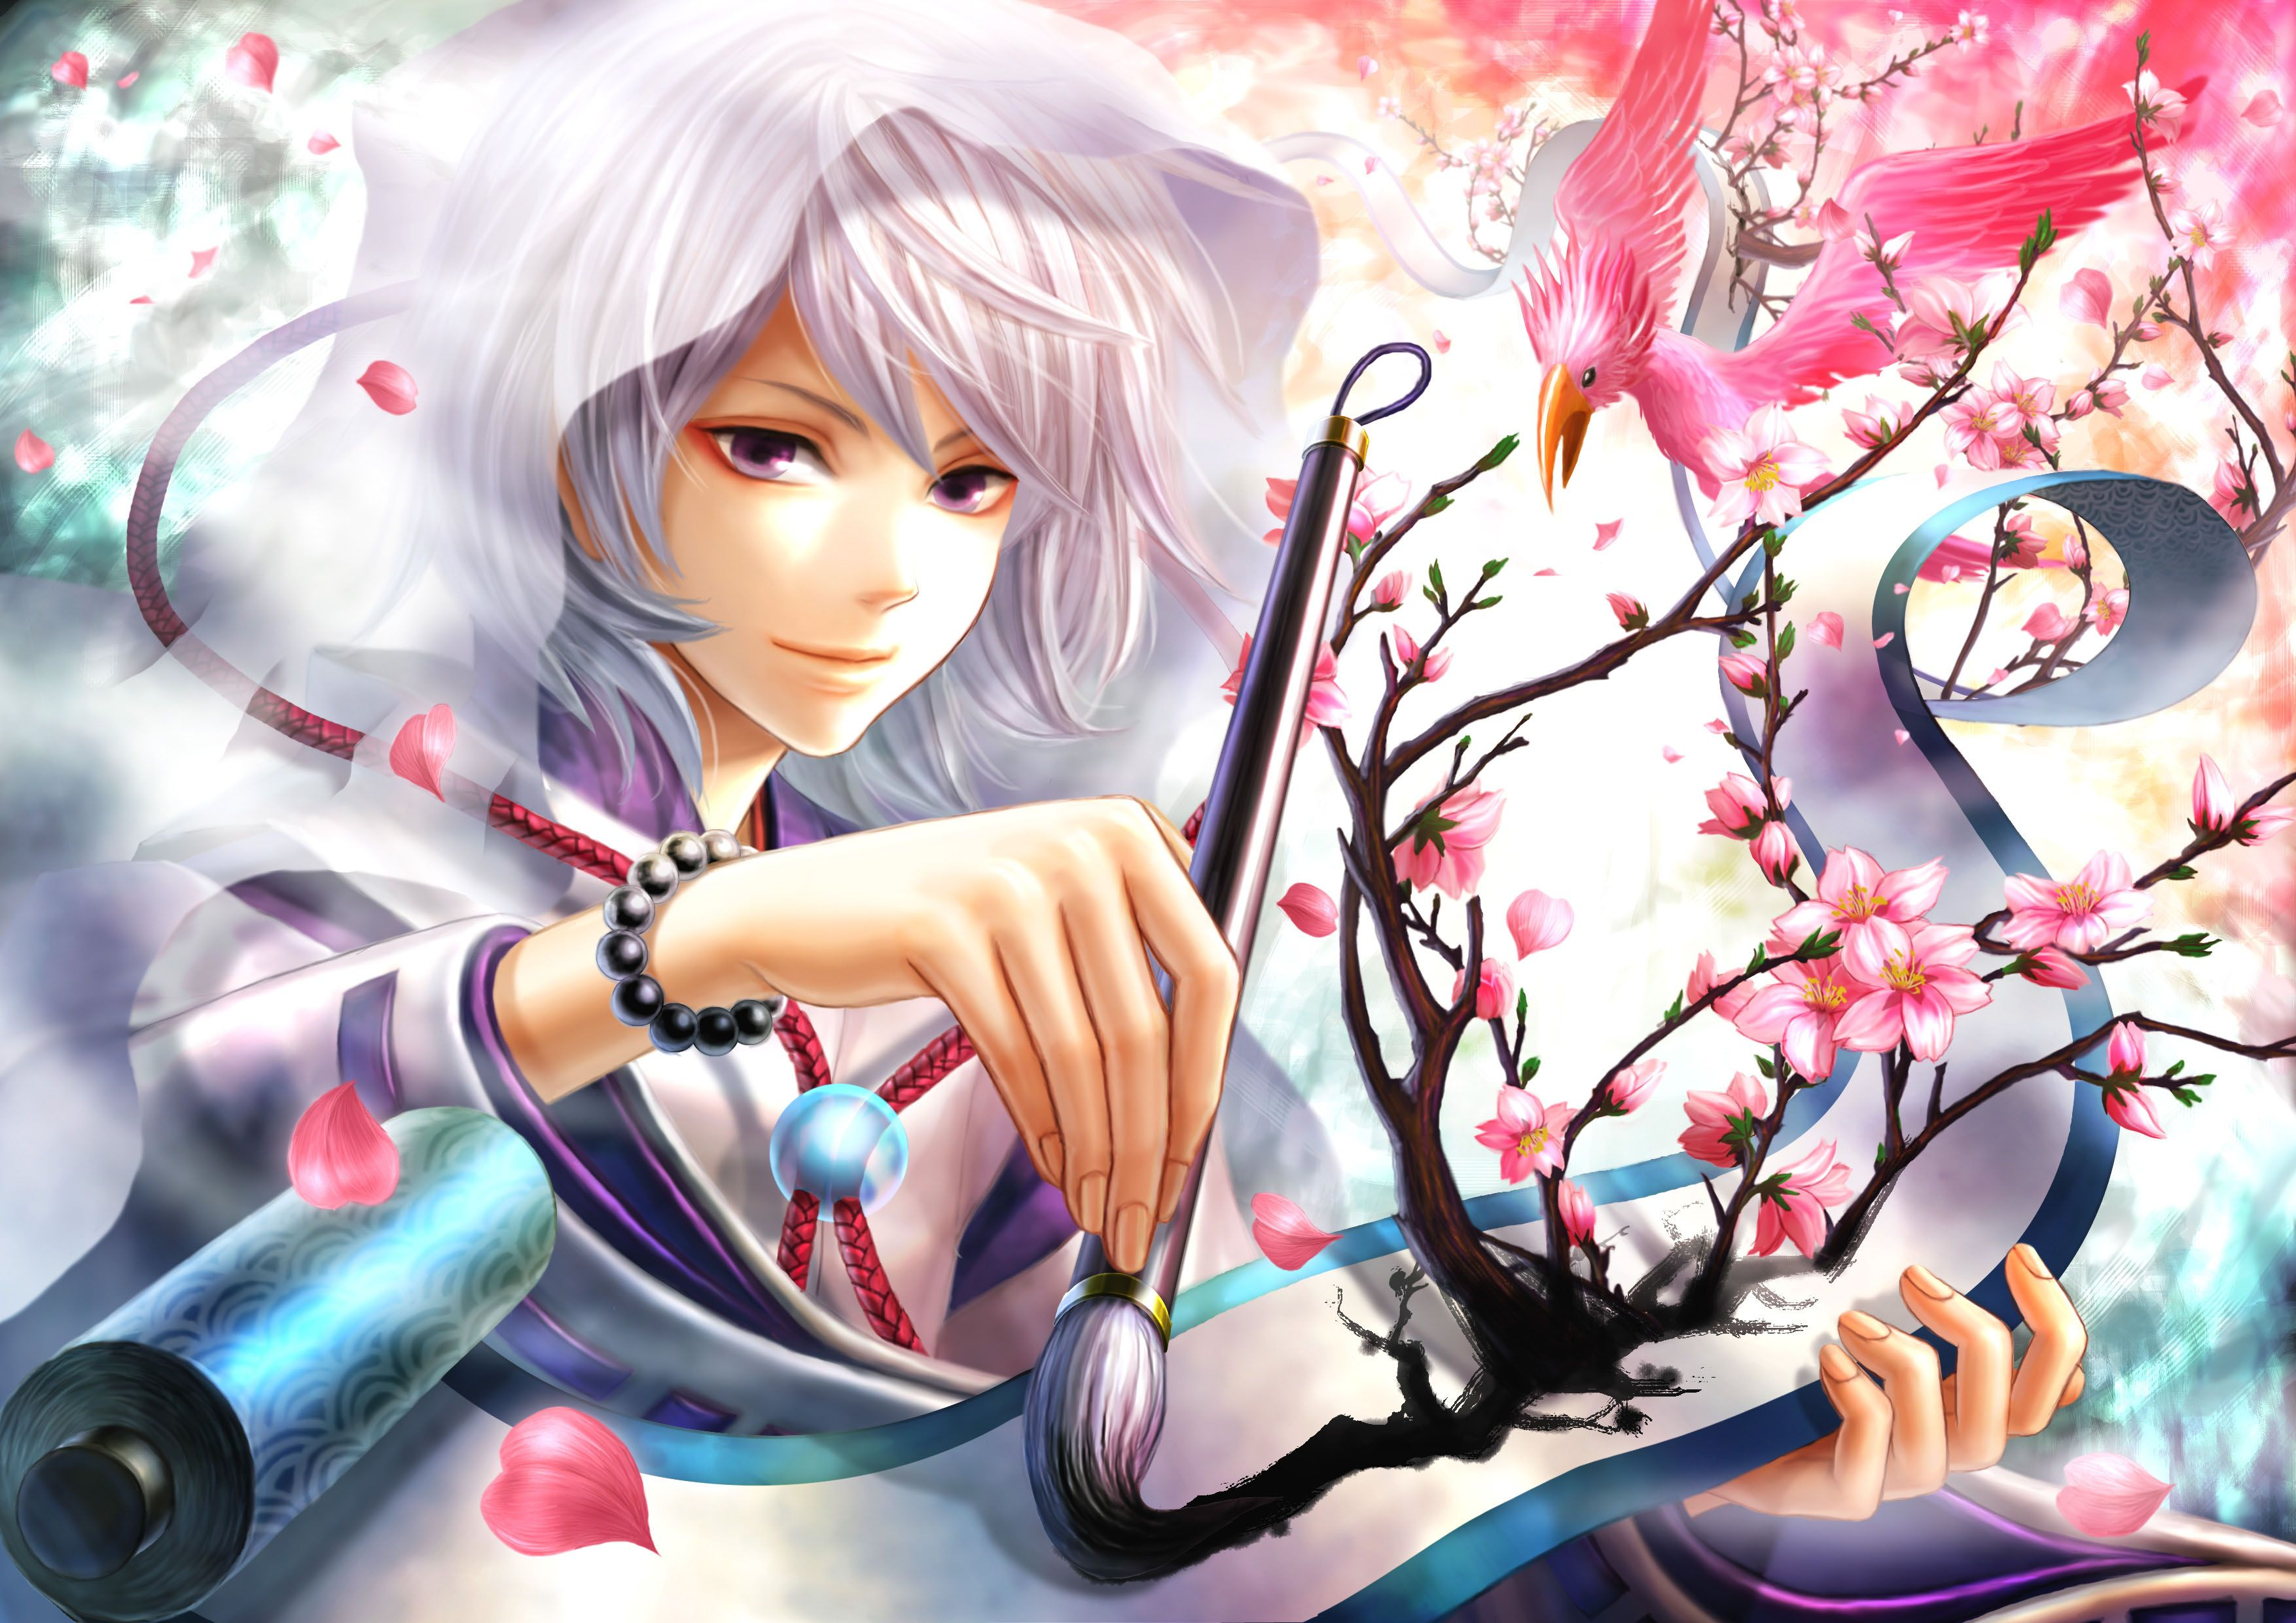 (Mega Post) Wallpapers Anime Pinturas anime, Anime love